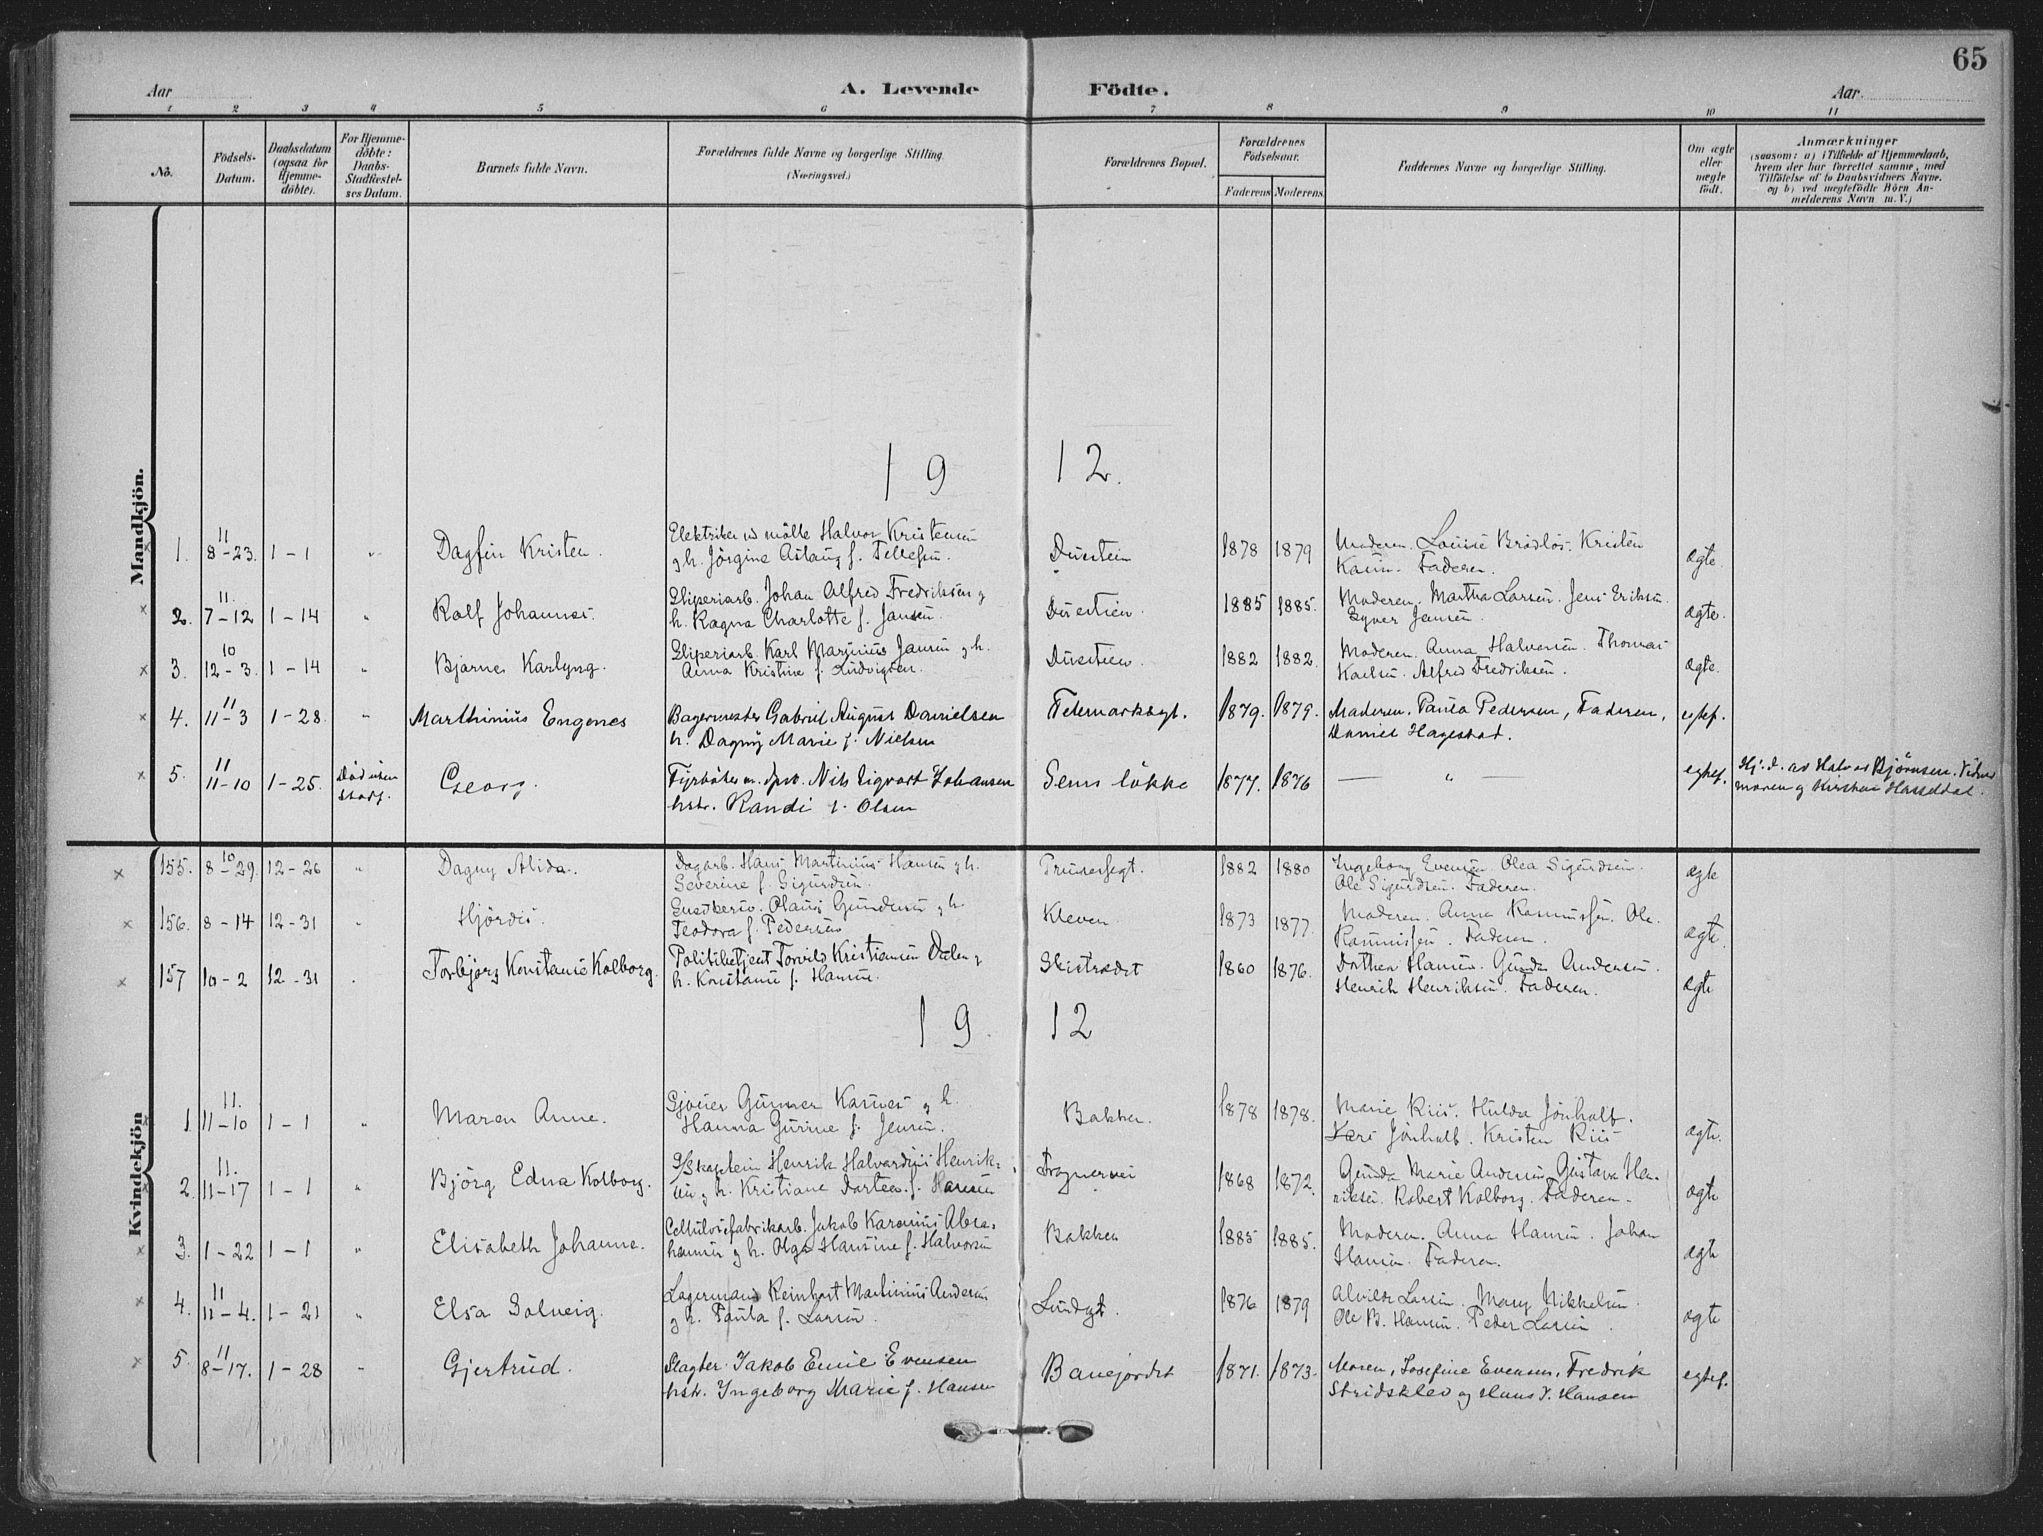 SAKO, Skien kirkebøker, F/Fa/L0012: Ministerialbok nr. 12, 1908-1914, s. 65